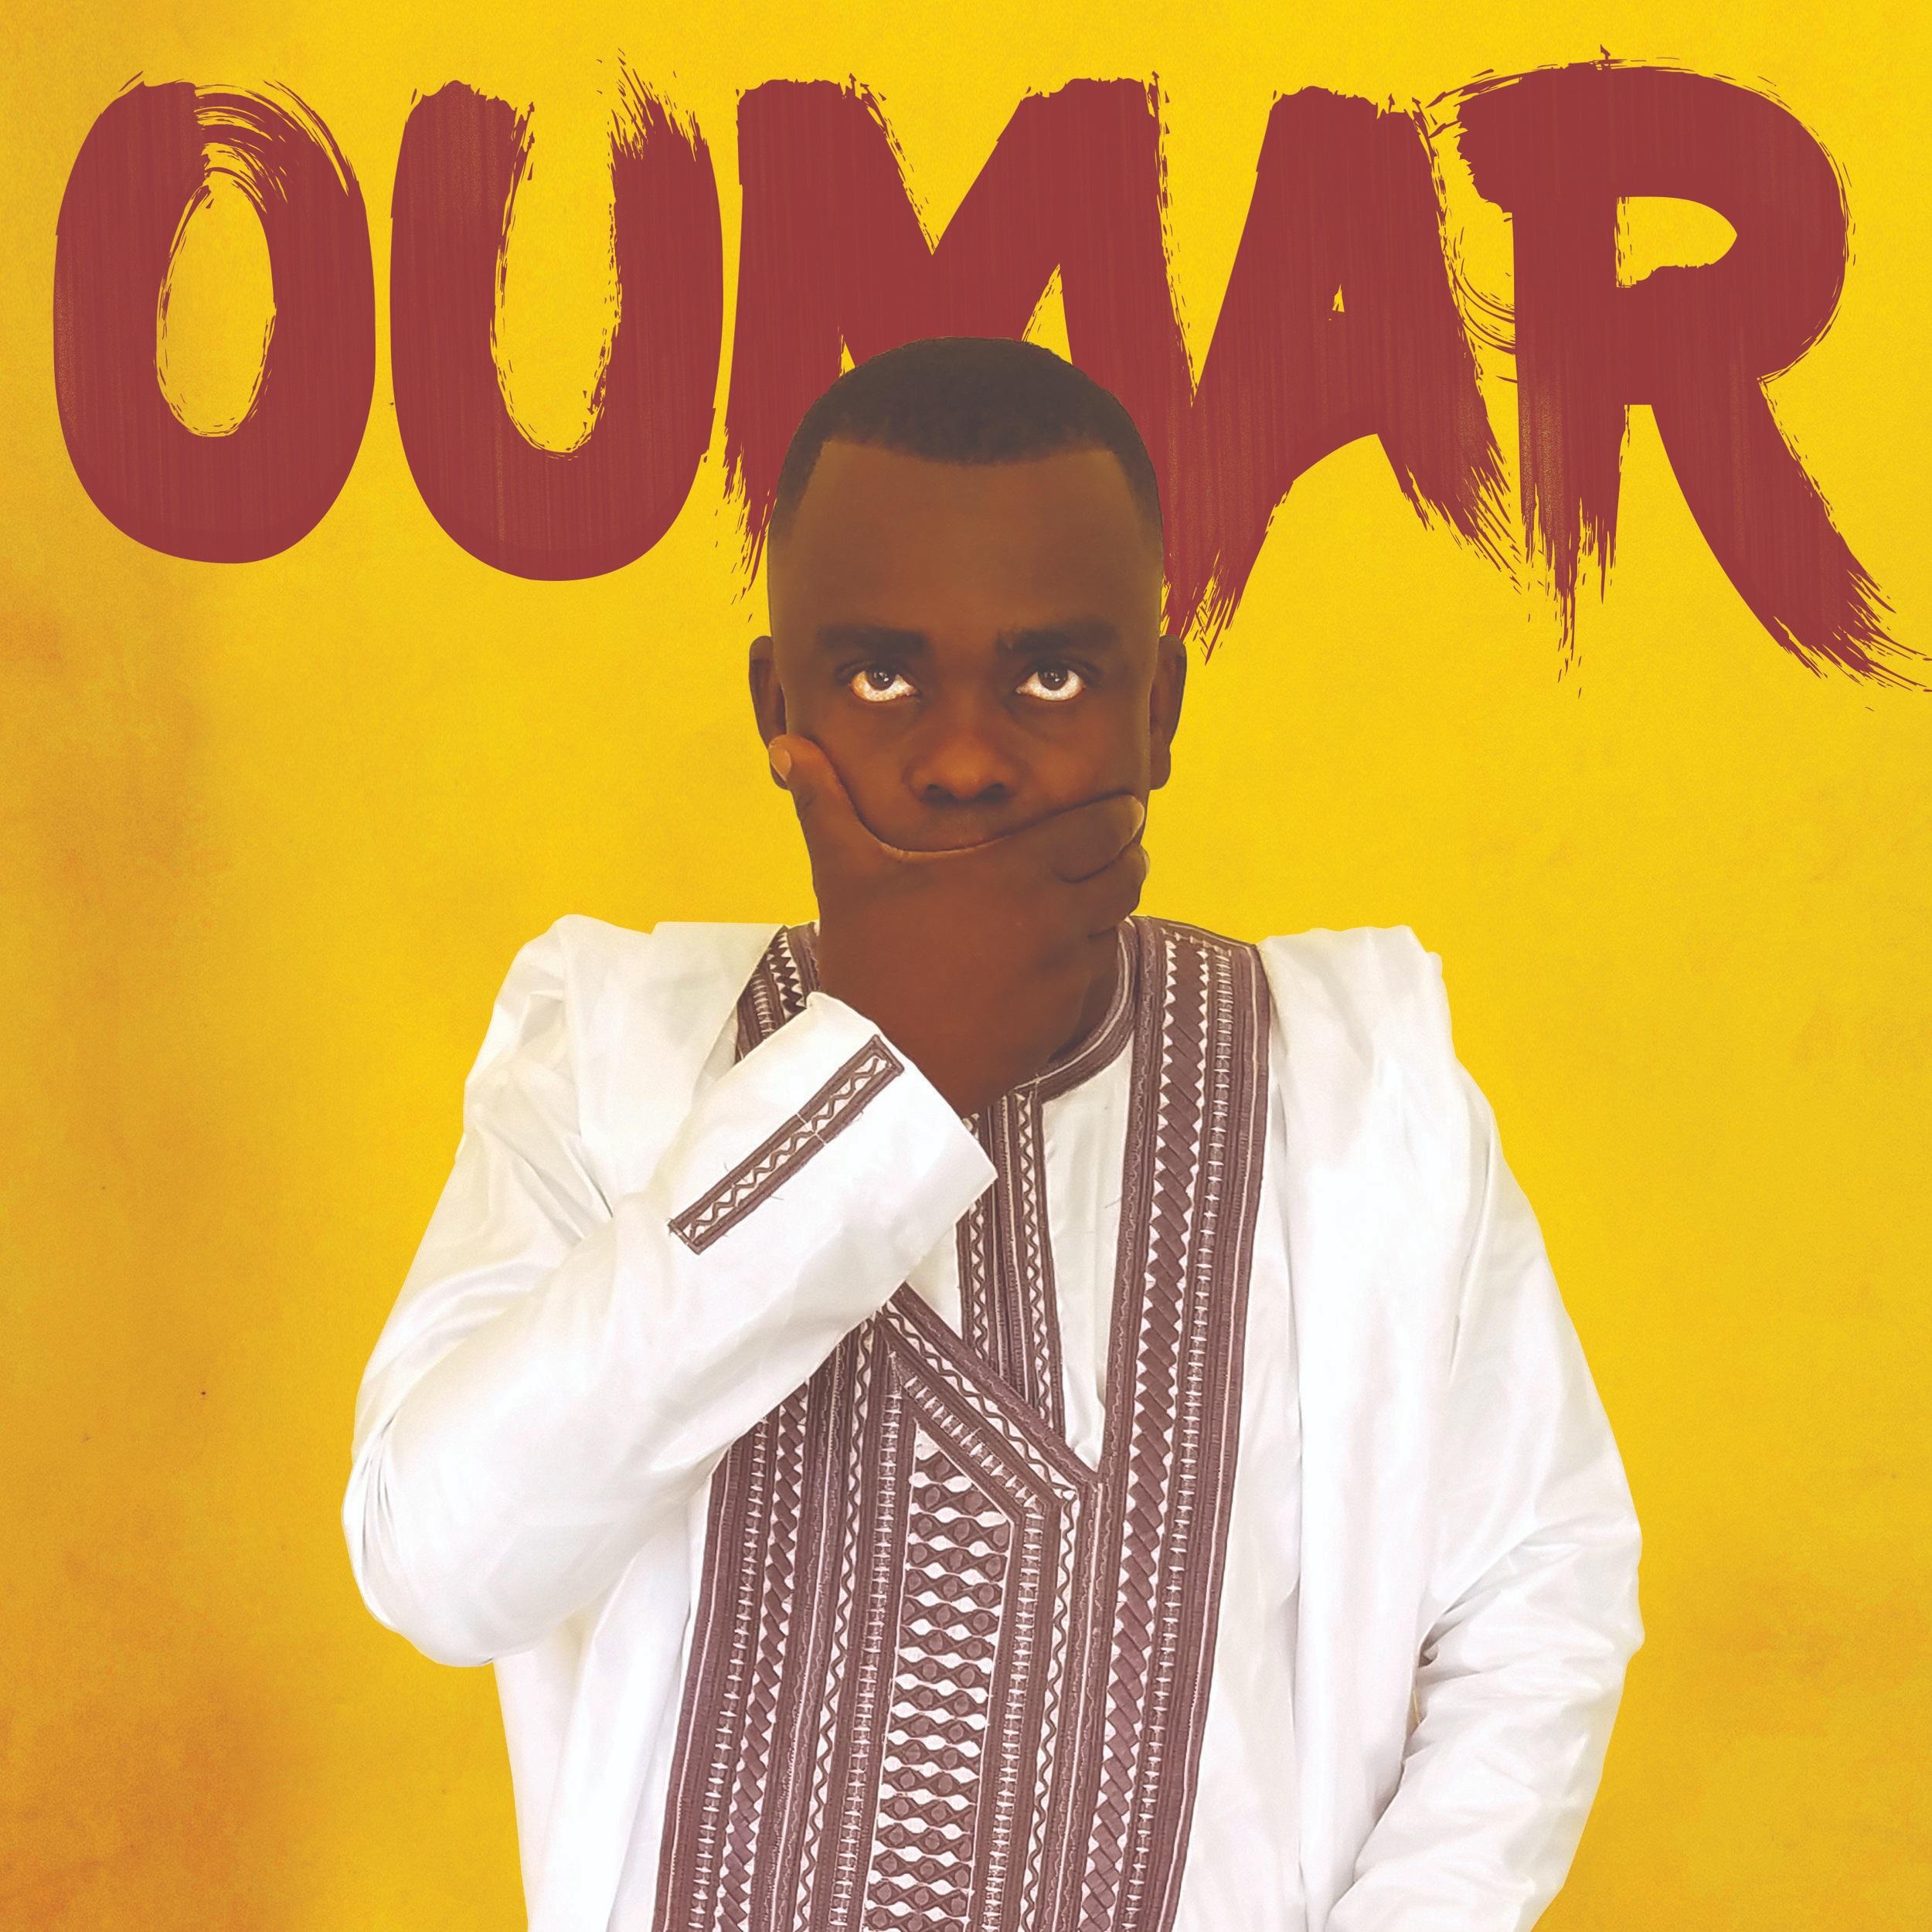 Oumar Konate - I love you Inna (CLE025)